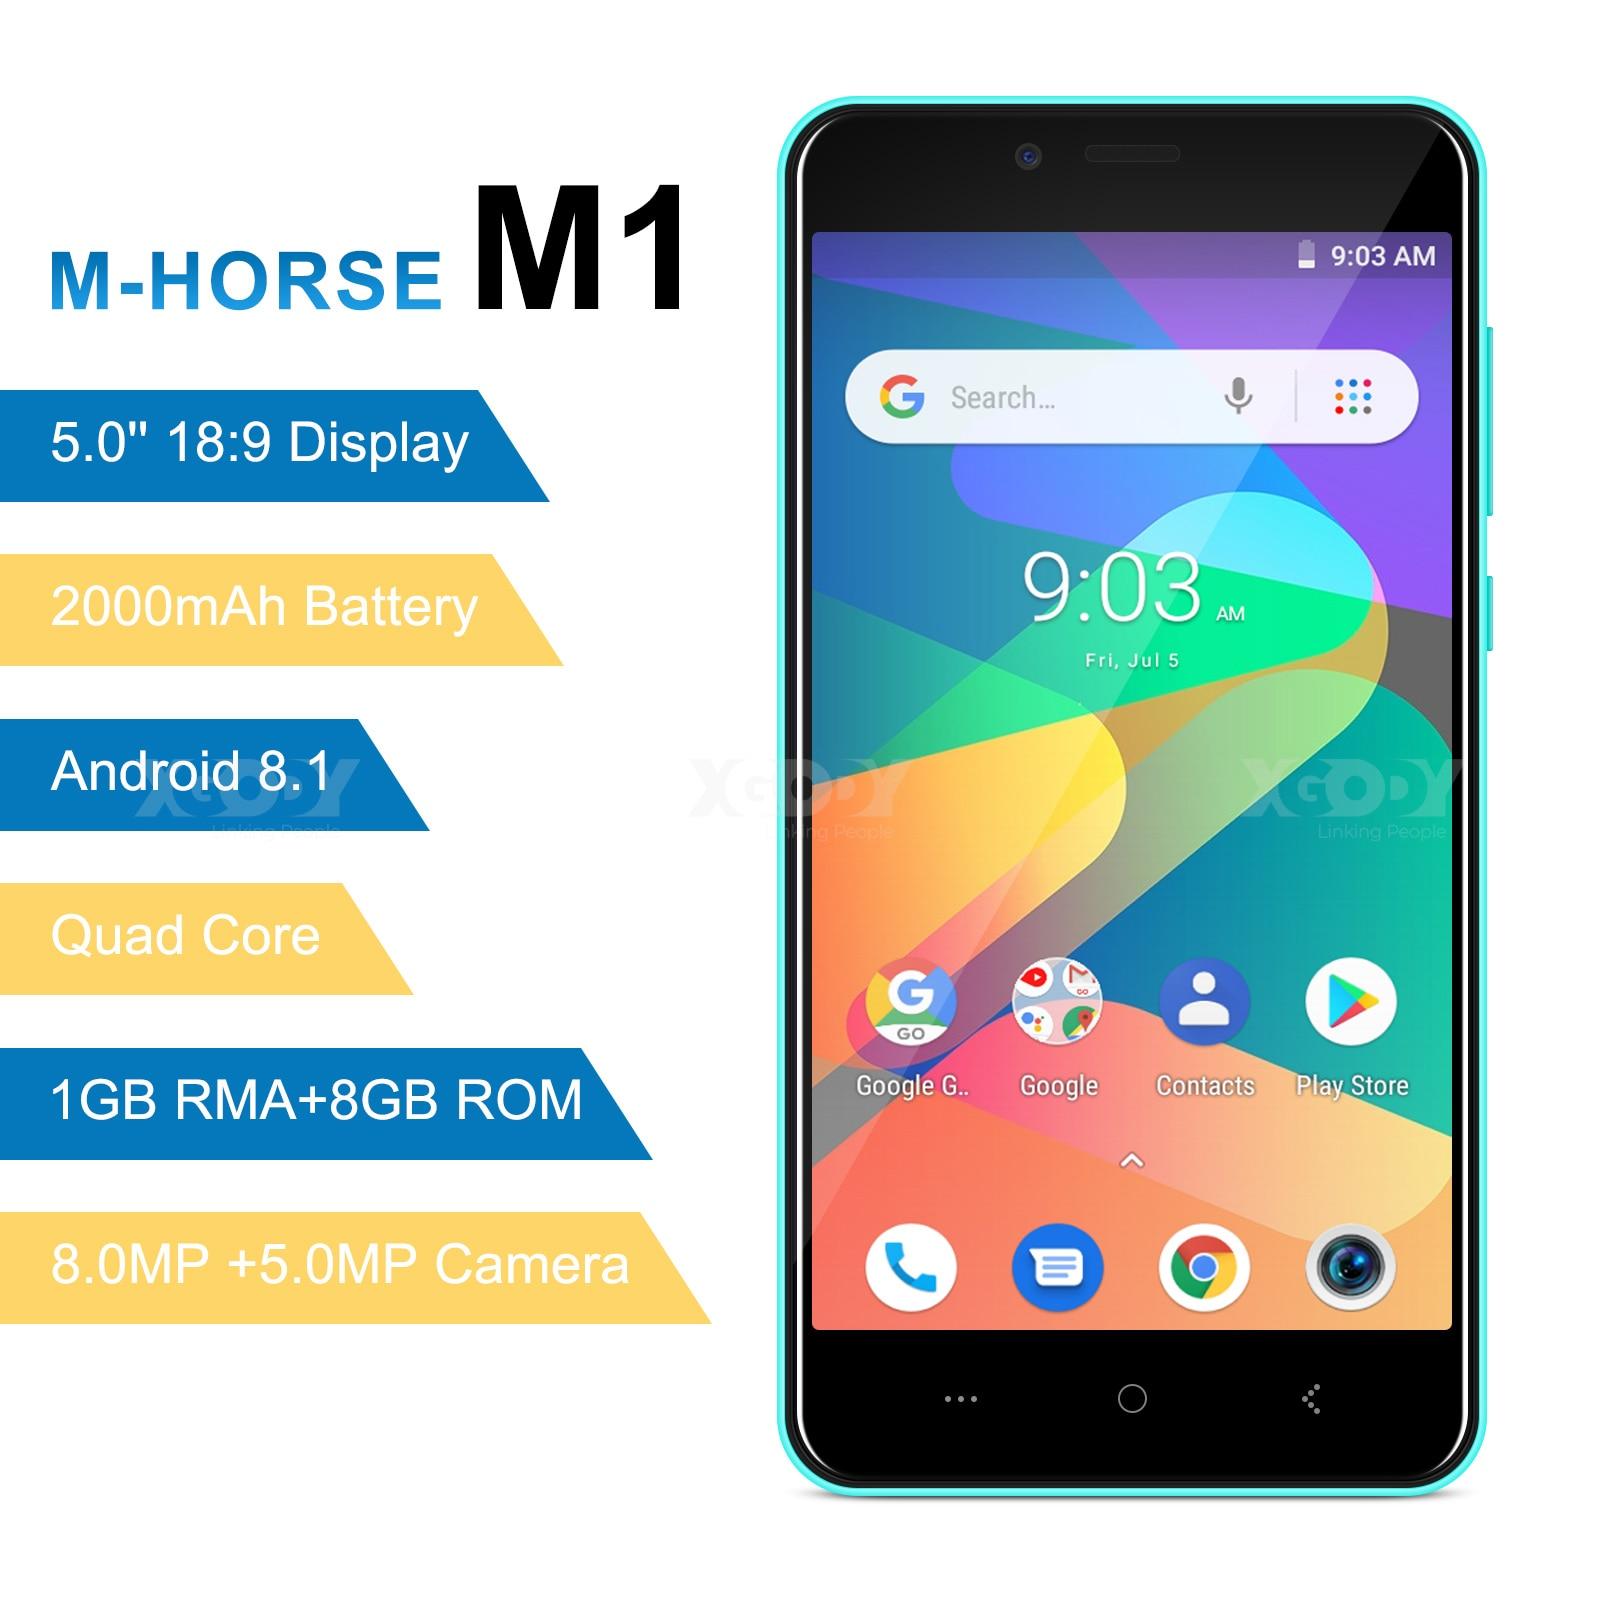 M-HORSE 3G Smartphone Android 8.1 2000mAh Celular 1GB + 8GB Quad Core 5.0 polegada 18:9 Cheia tela 8MP Câmera Do Telefone Móvel Dual